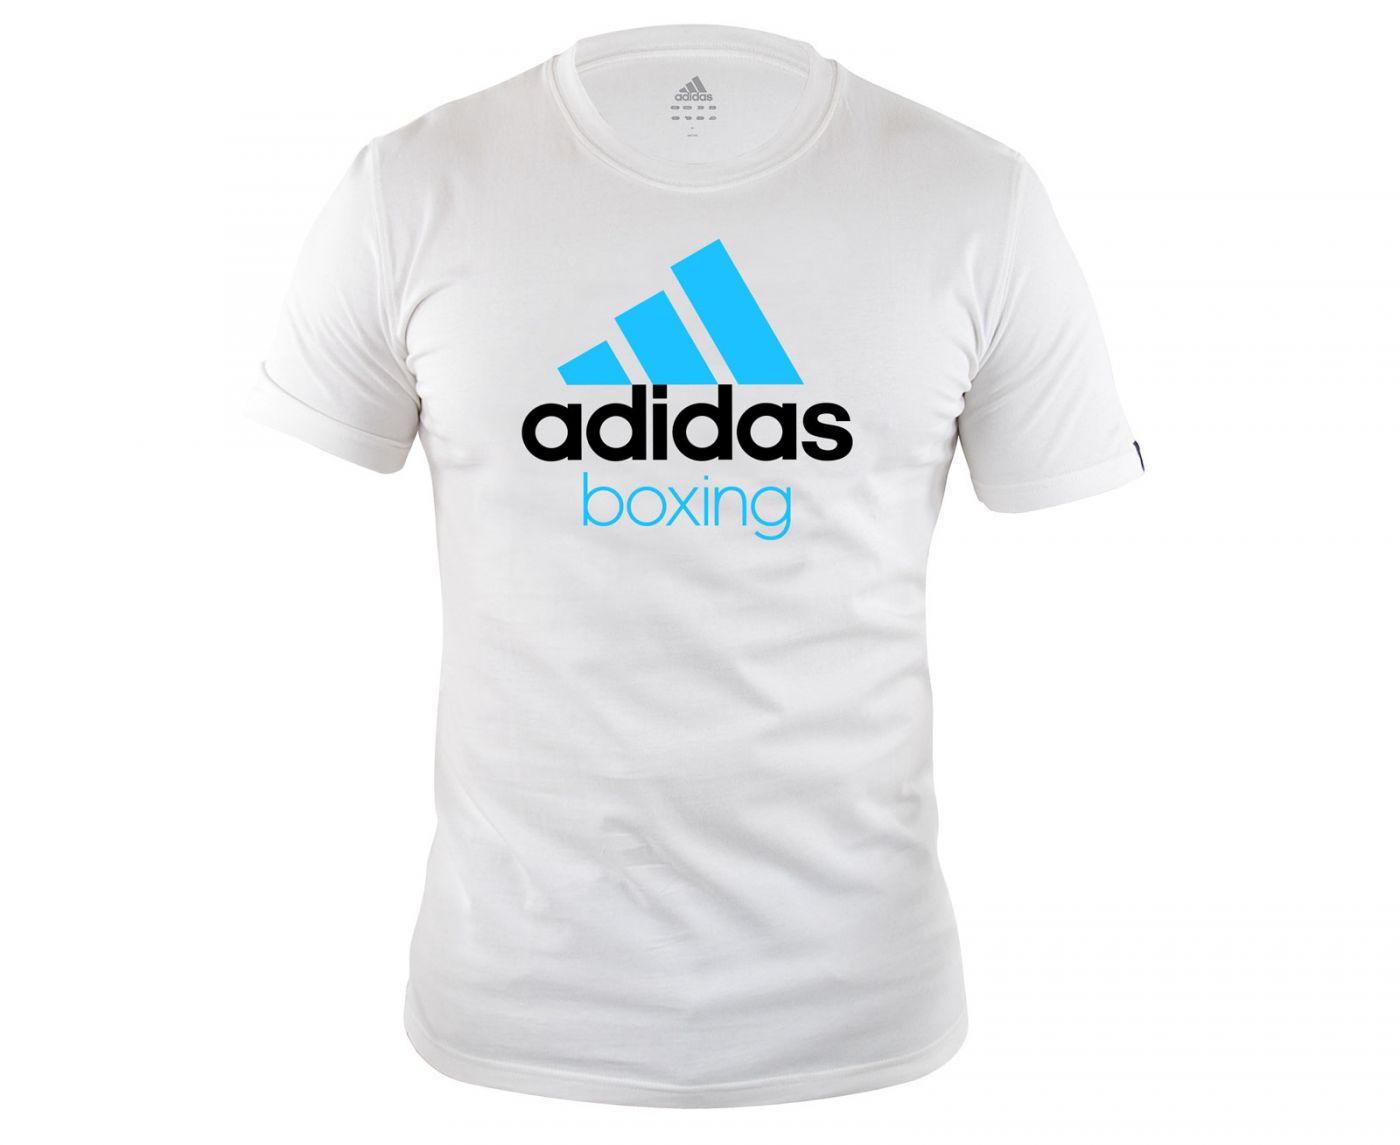 Футболка Adidas Community T-Shirt Boxing бело-синяя, размер М, артикул adiCTB